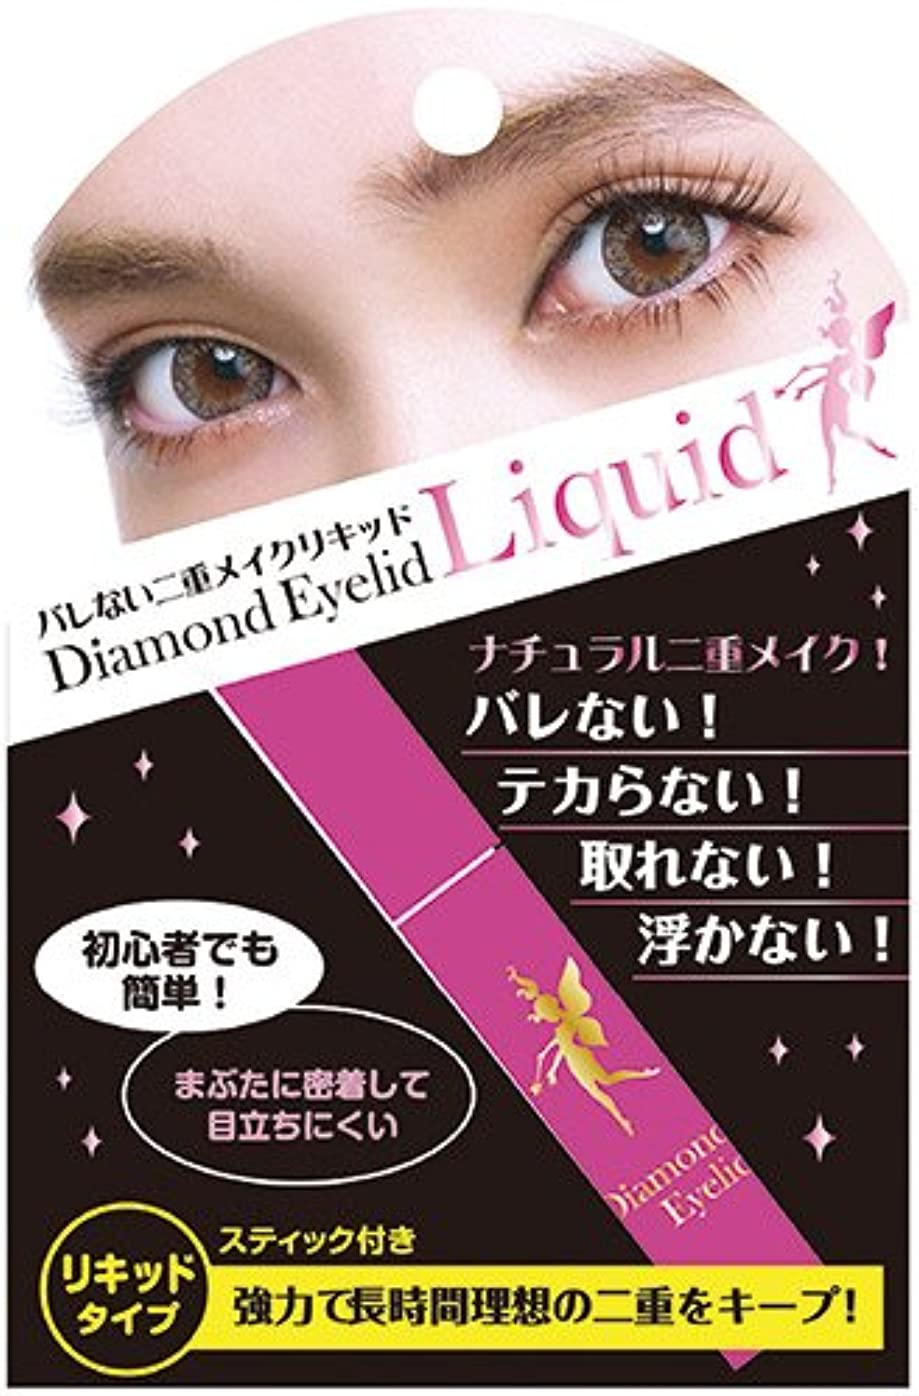 それにもかかわらず一掃する大腿ダイヤモンドアイリッド リキッド 3ml